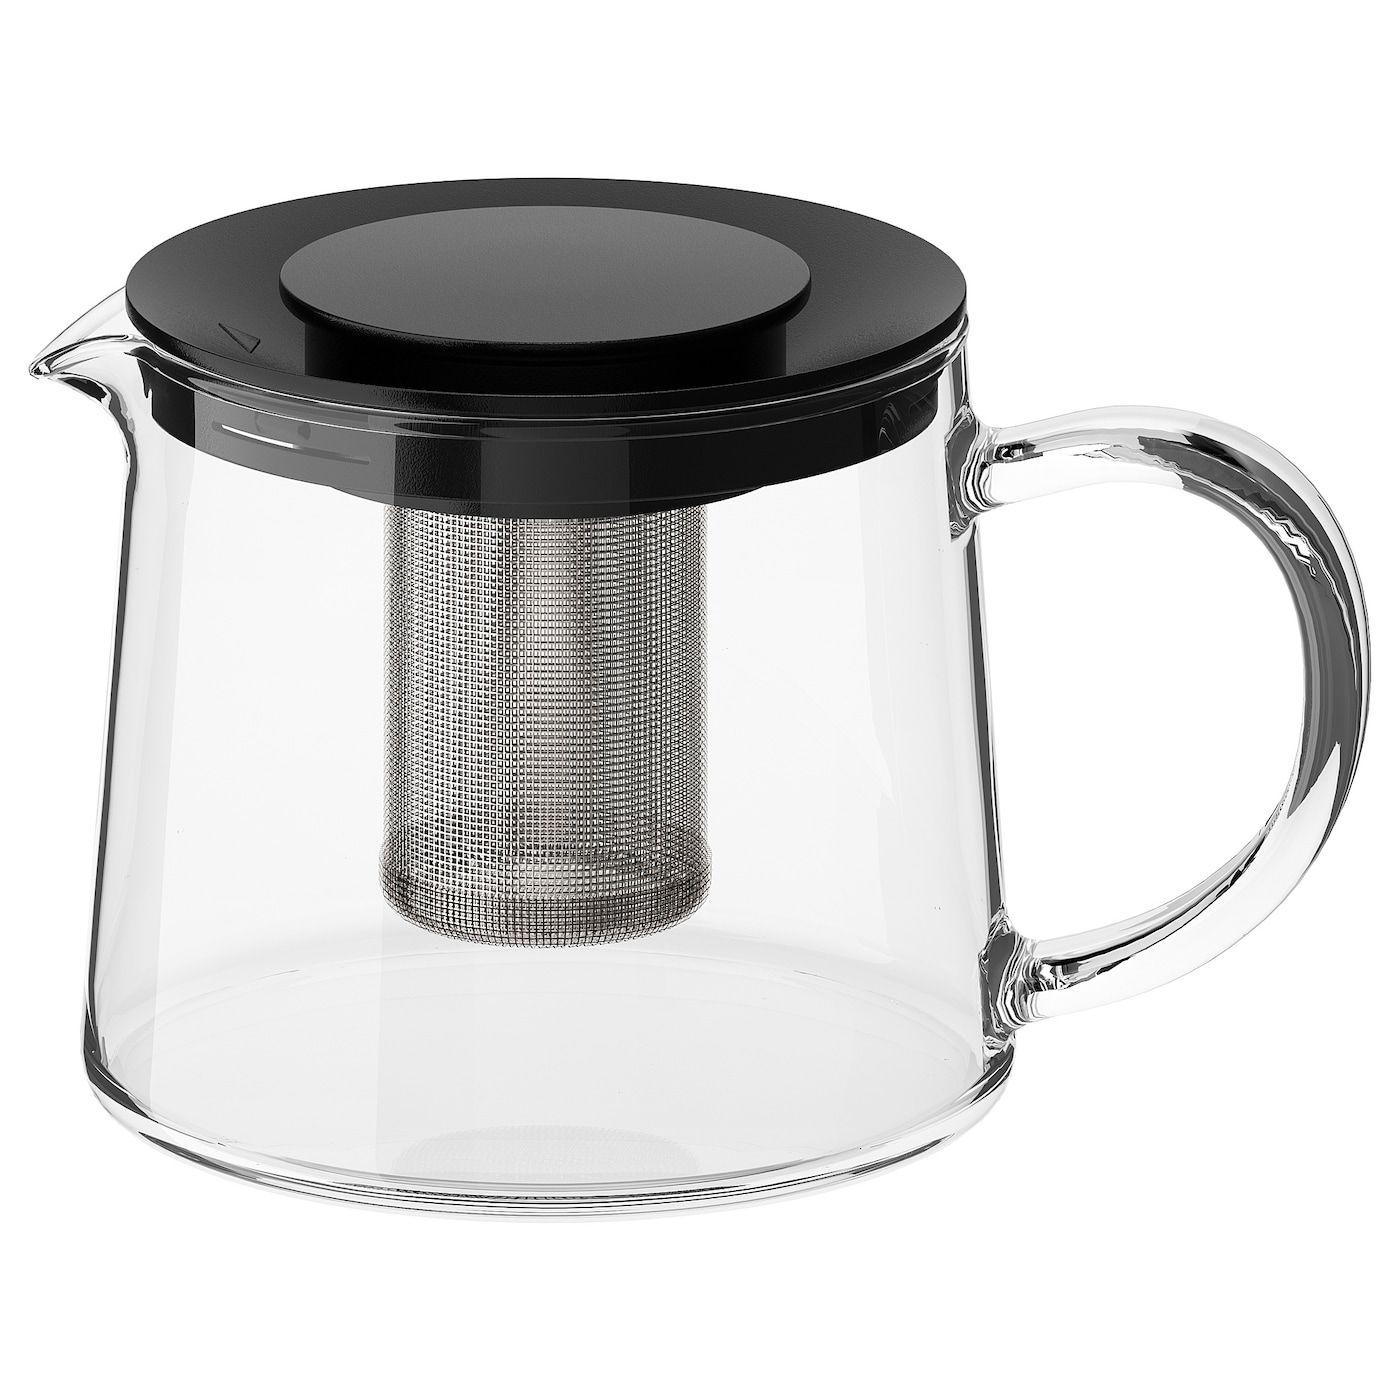 RIKLIG Teapot glass 0.6 qt (0.6 l) Tea pots, Heat